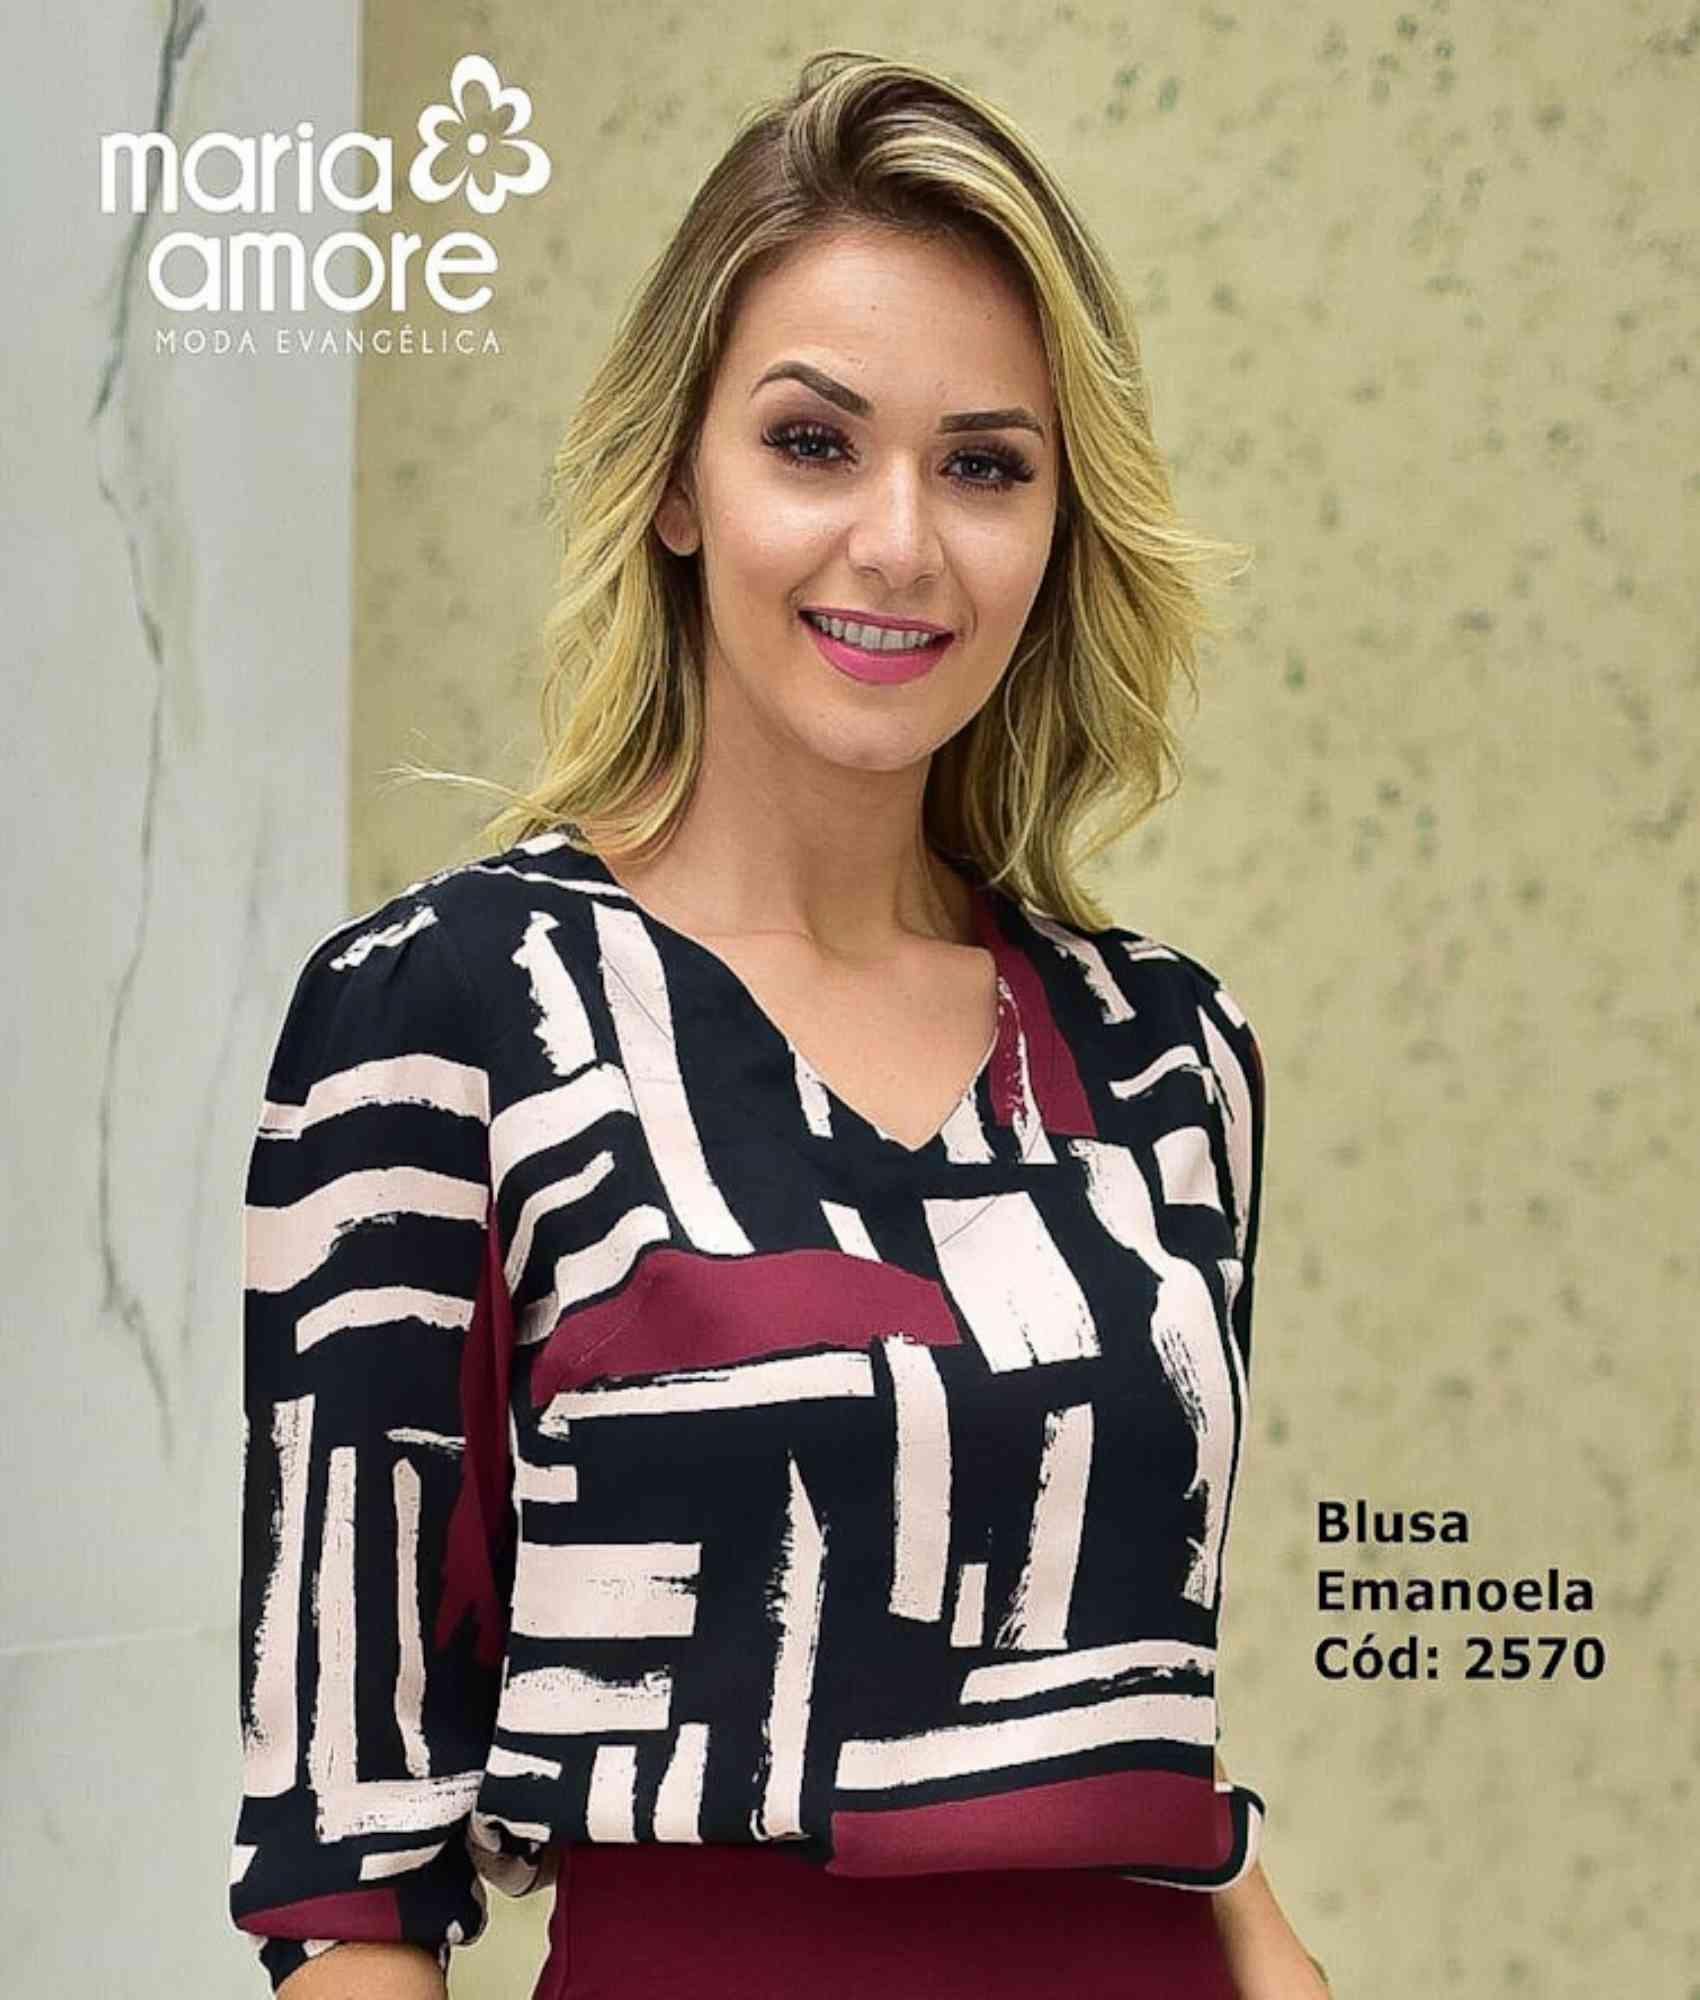 Blusa estampada manga 3/4 c/ elástico - Maria Amore.